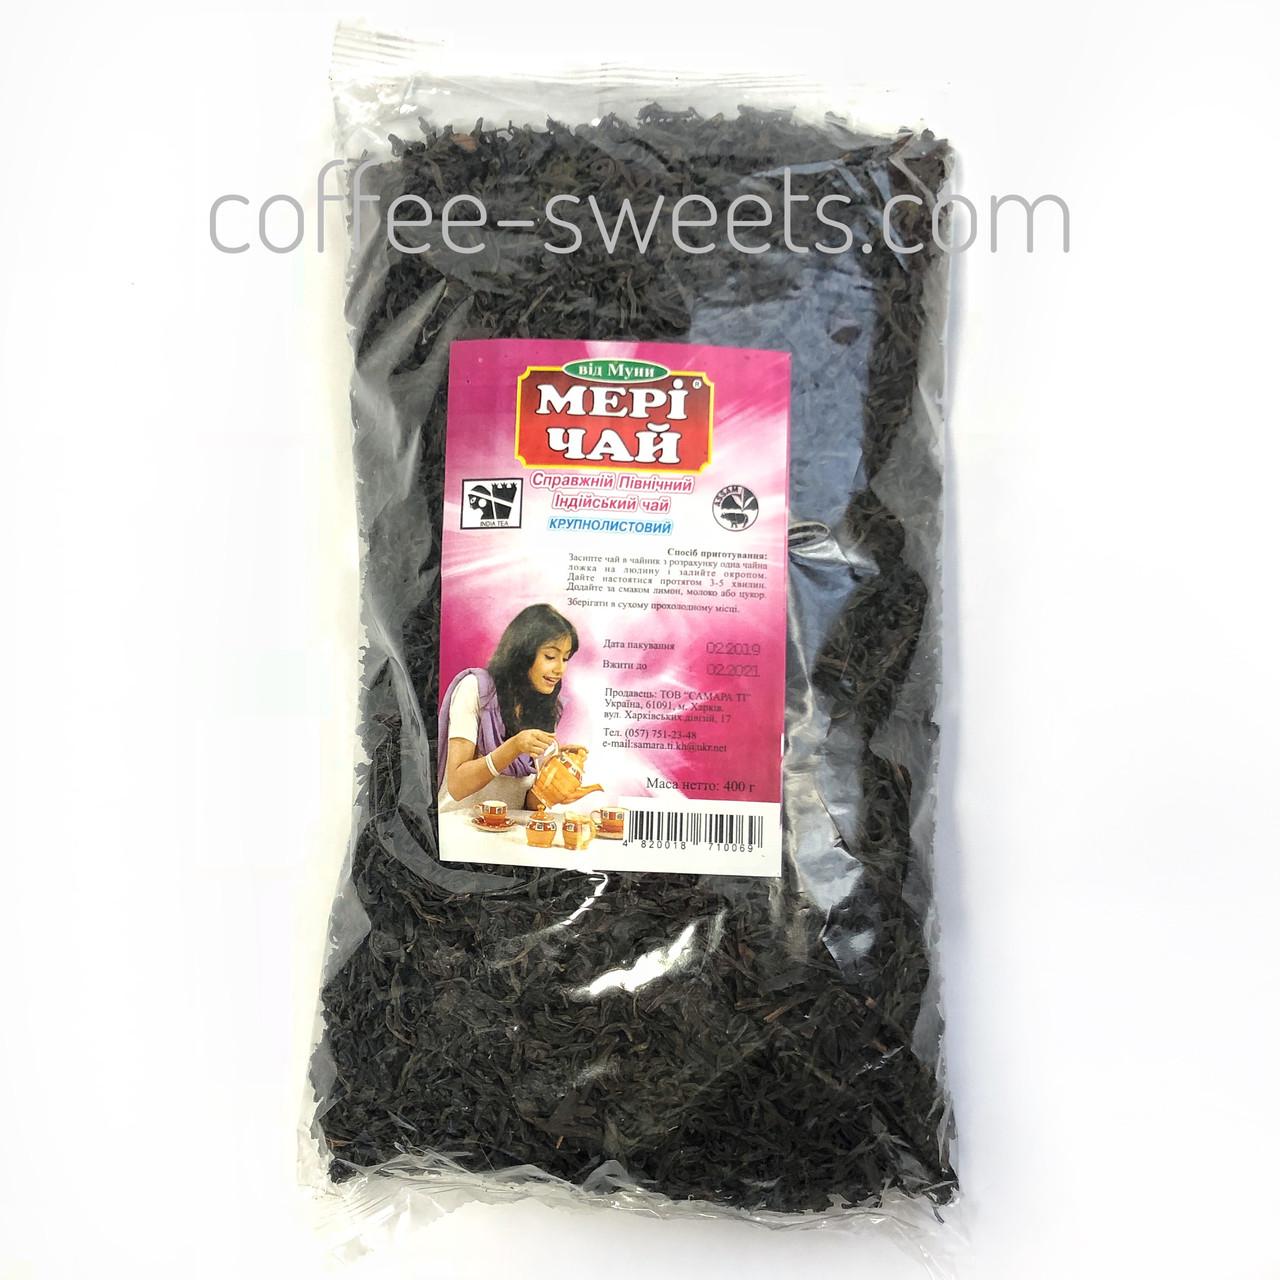 Чай индийский черный Мери Чай (крупнолистной) 400 гр